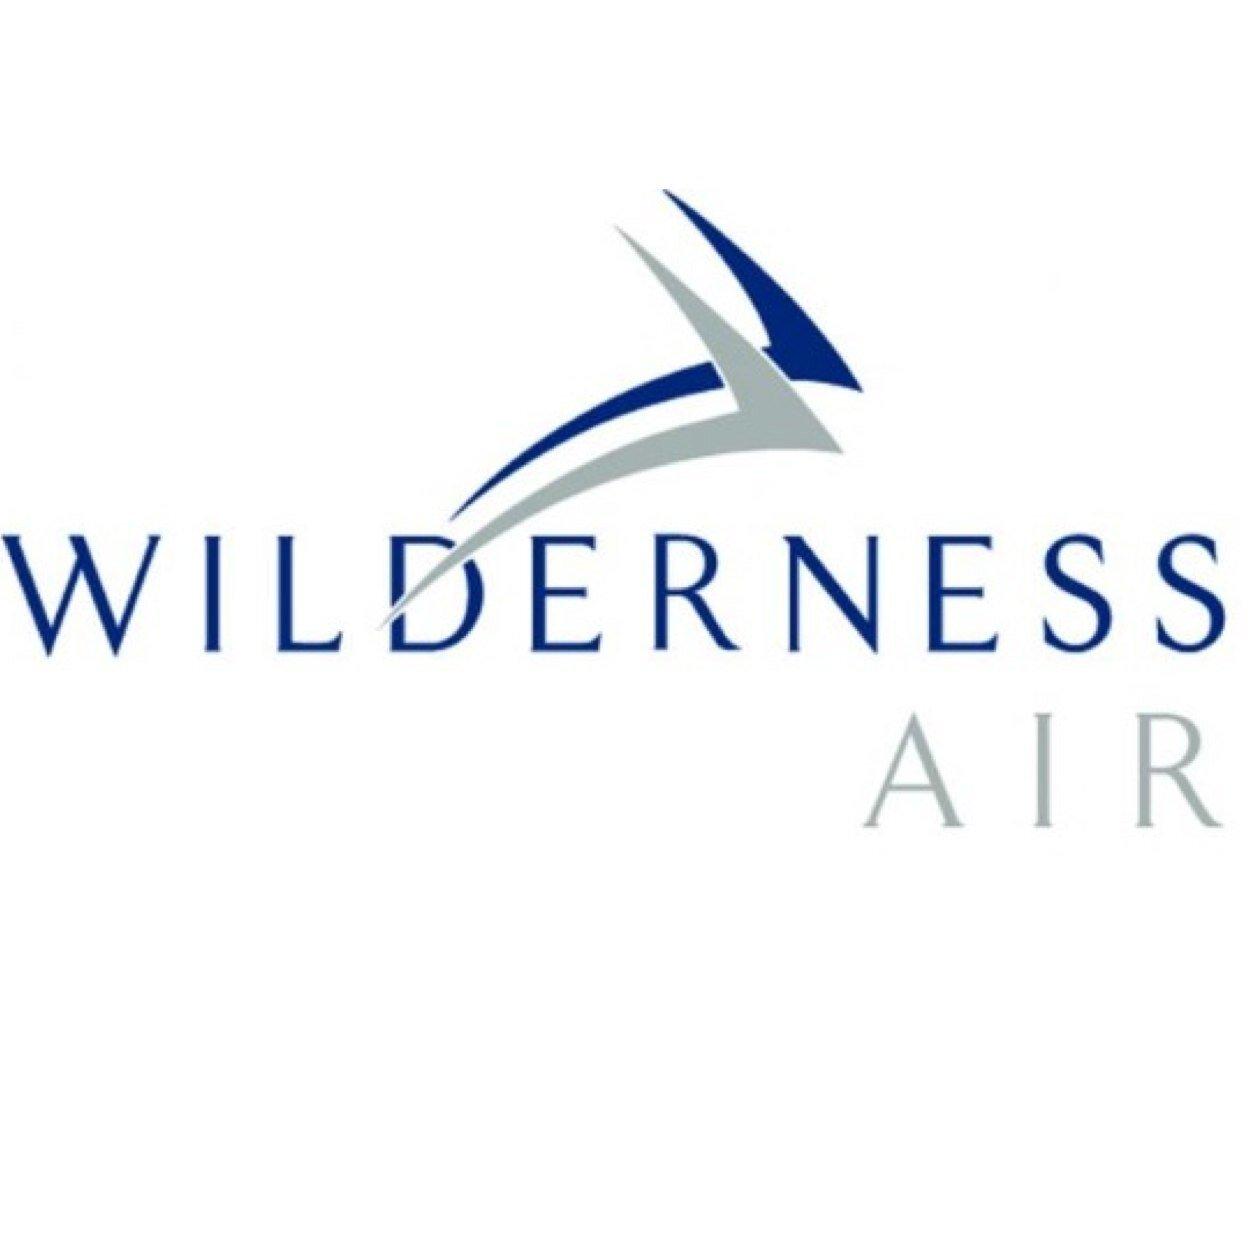 Logo Wilderness Air Botswana